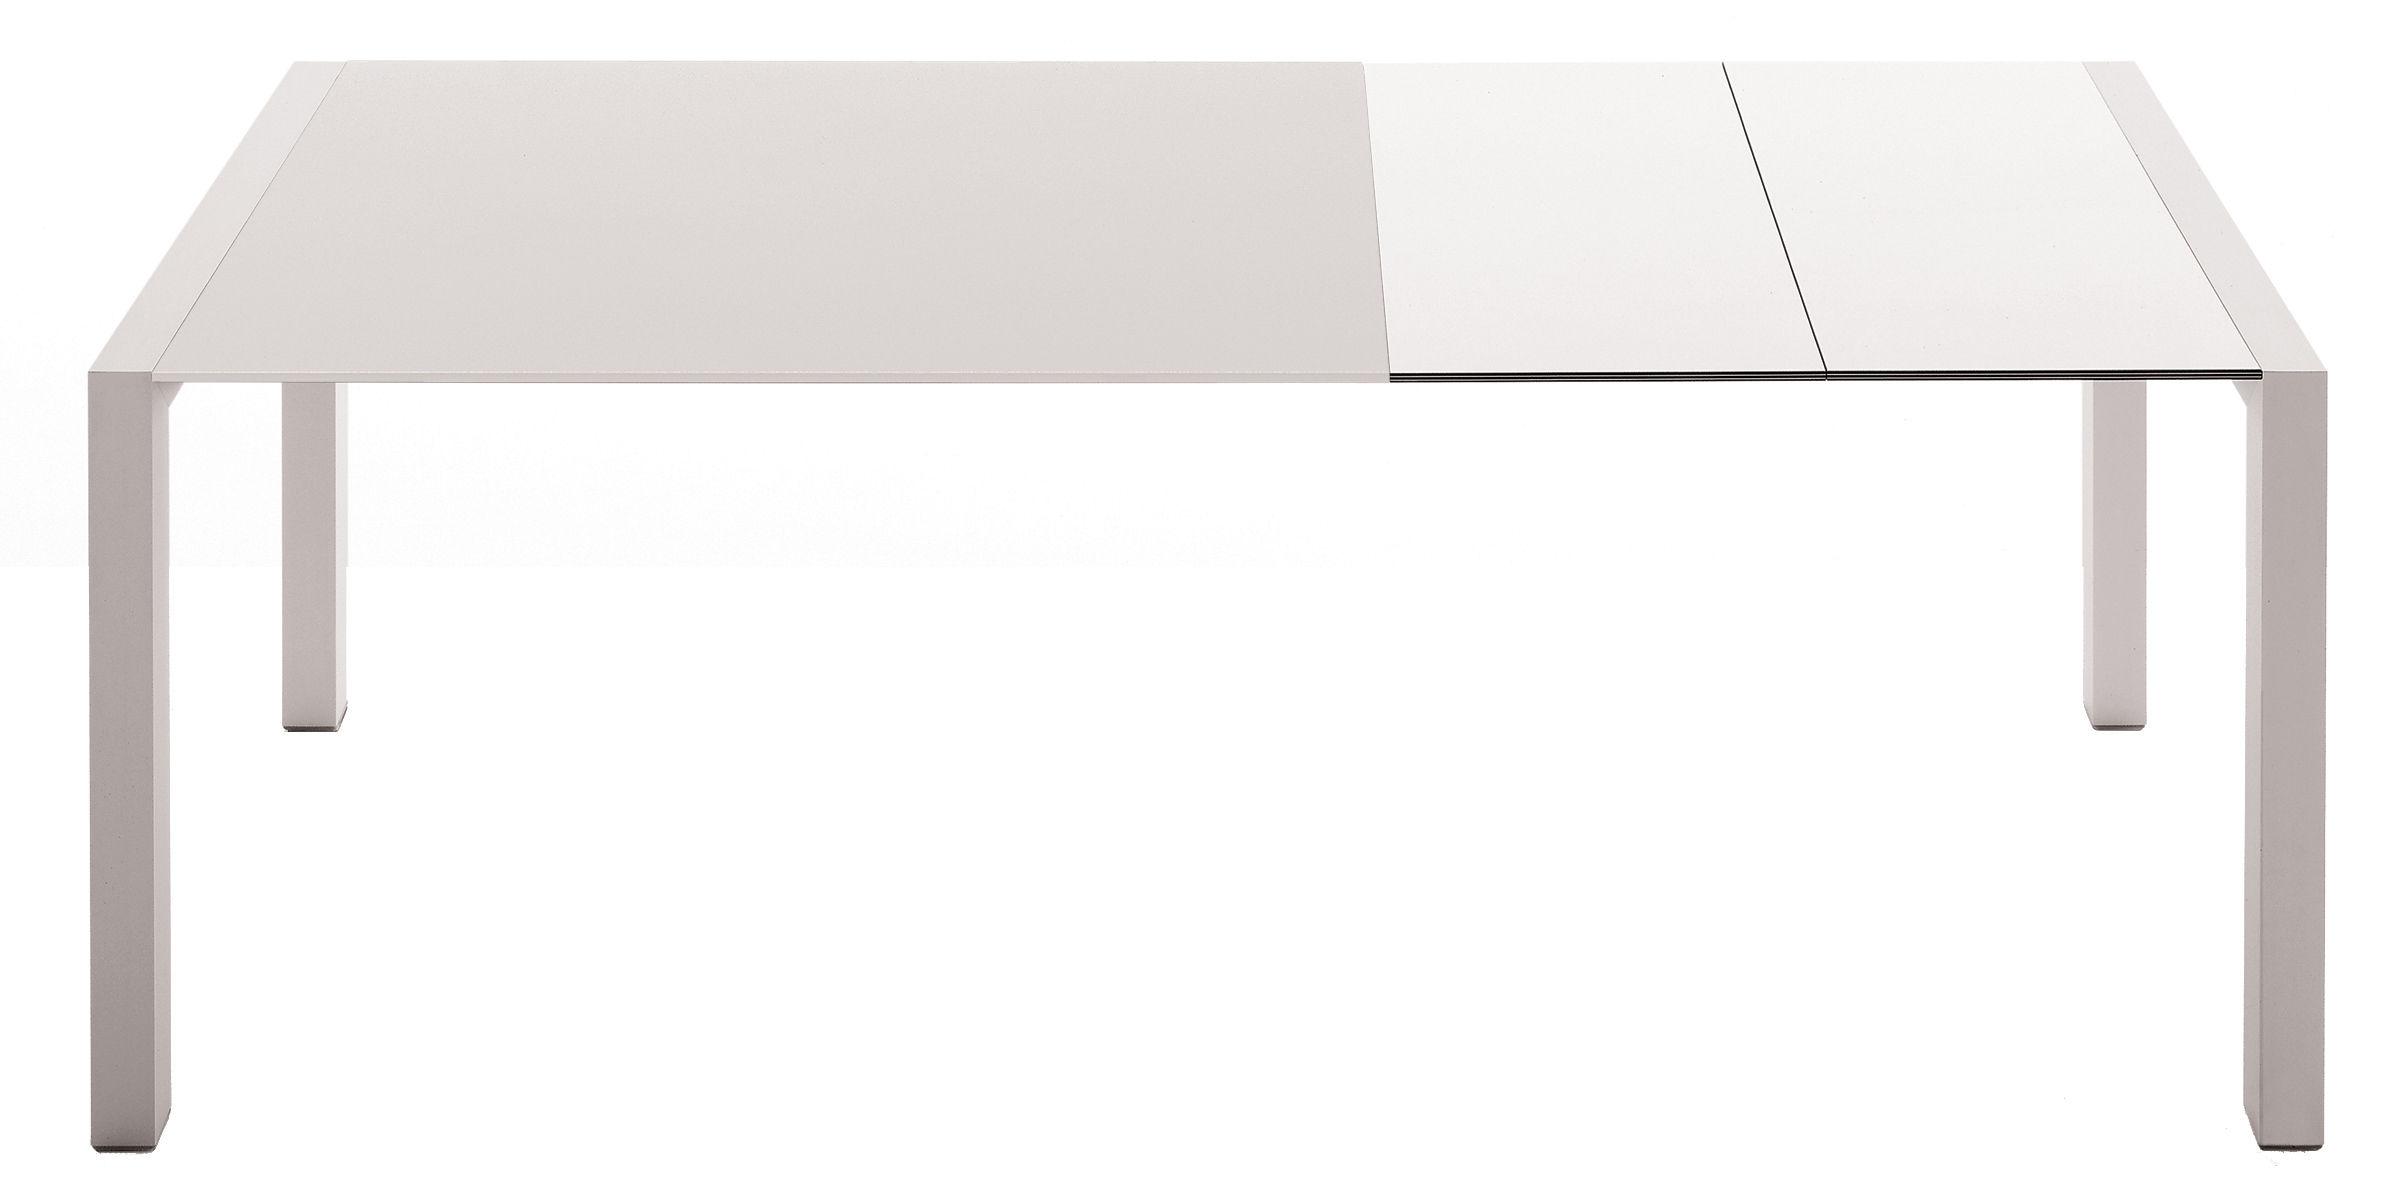 Trends - Essbereich: Neuheiten & Trends - Sushi Ausziehtisch L 150 cm / 225 cm - Kristalia - Tischplatte Glas weiß / Einlegeplatten Laminat weiß - eloxiertes Aluminium, klarlackbeschichtetes Glas, stratifiziertes Laminat